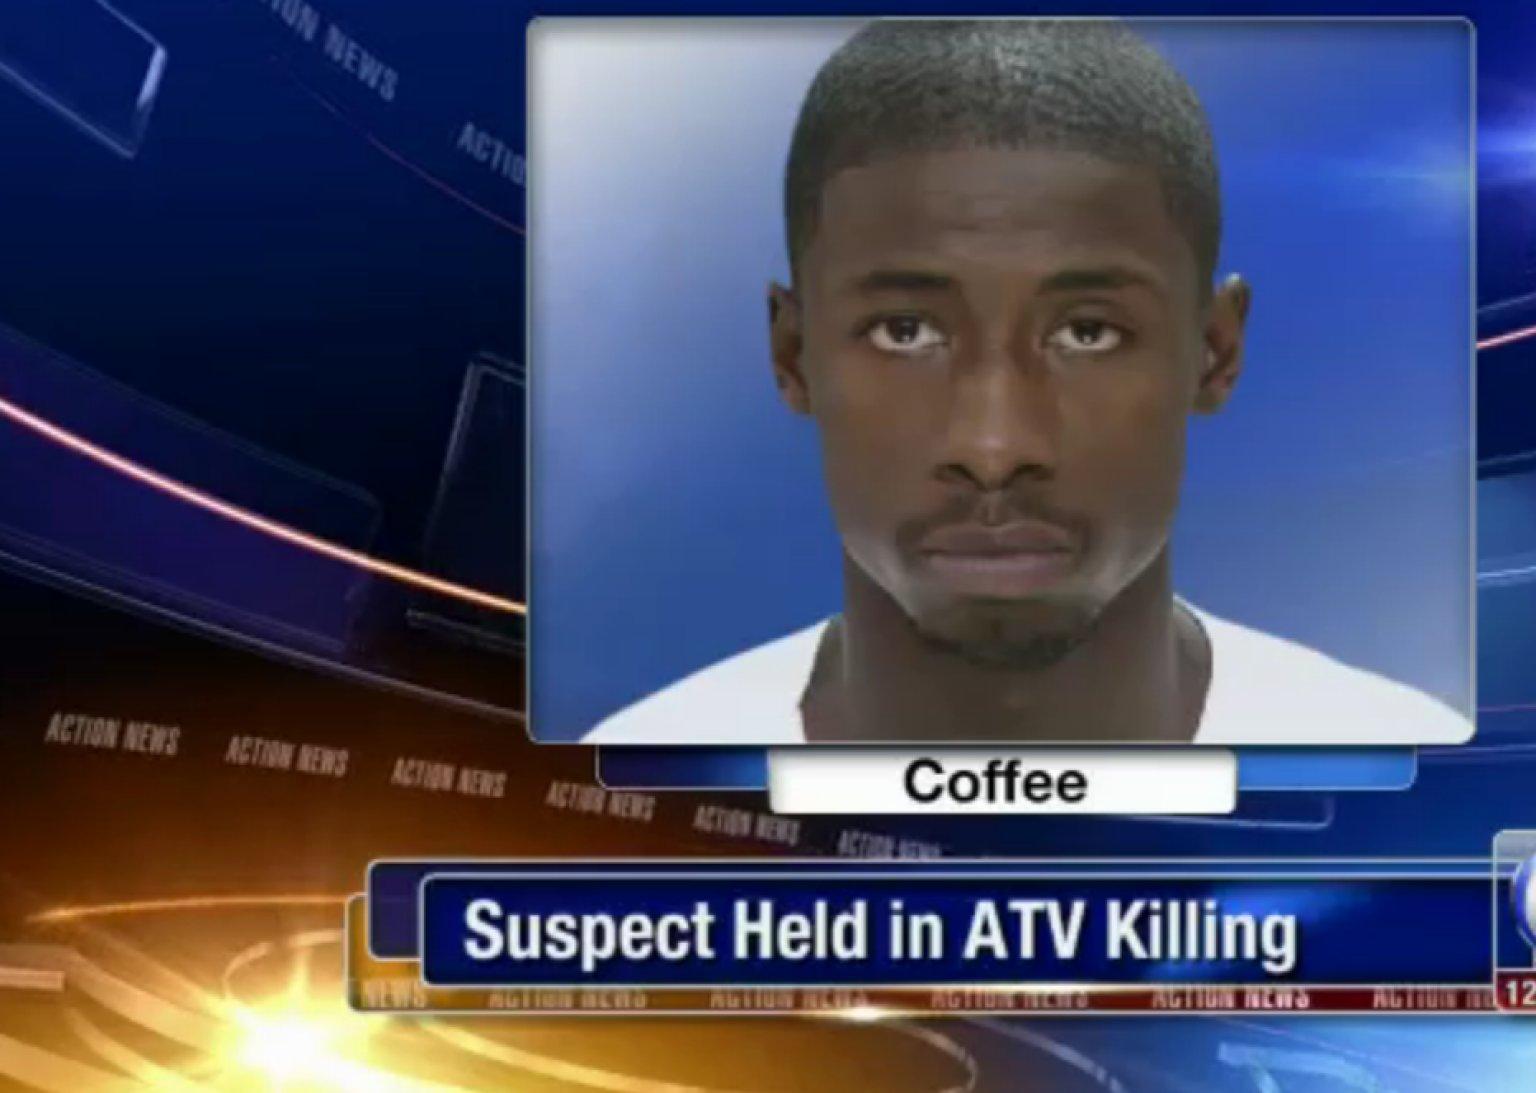 Craigslist Com Philadelphia >> Craigslist Murder In Philadelphia Leads To 23-Year-Old's Arrest (VIDEO) | HuffPost